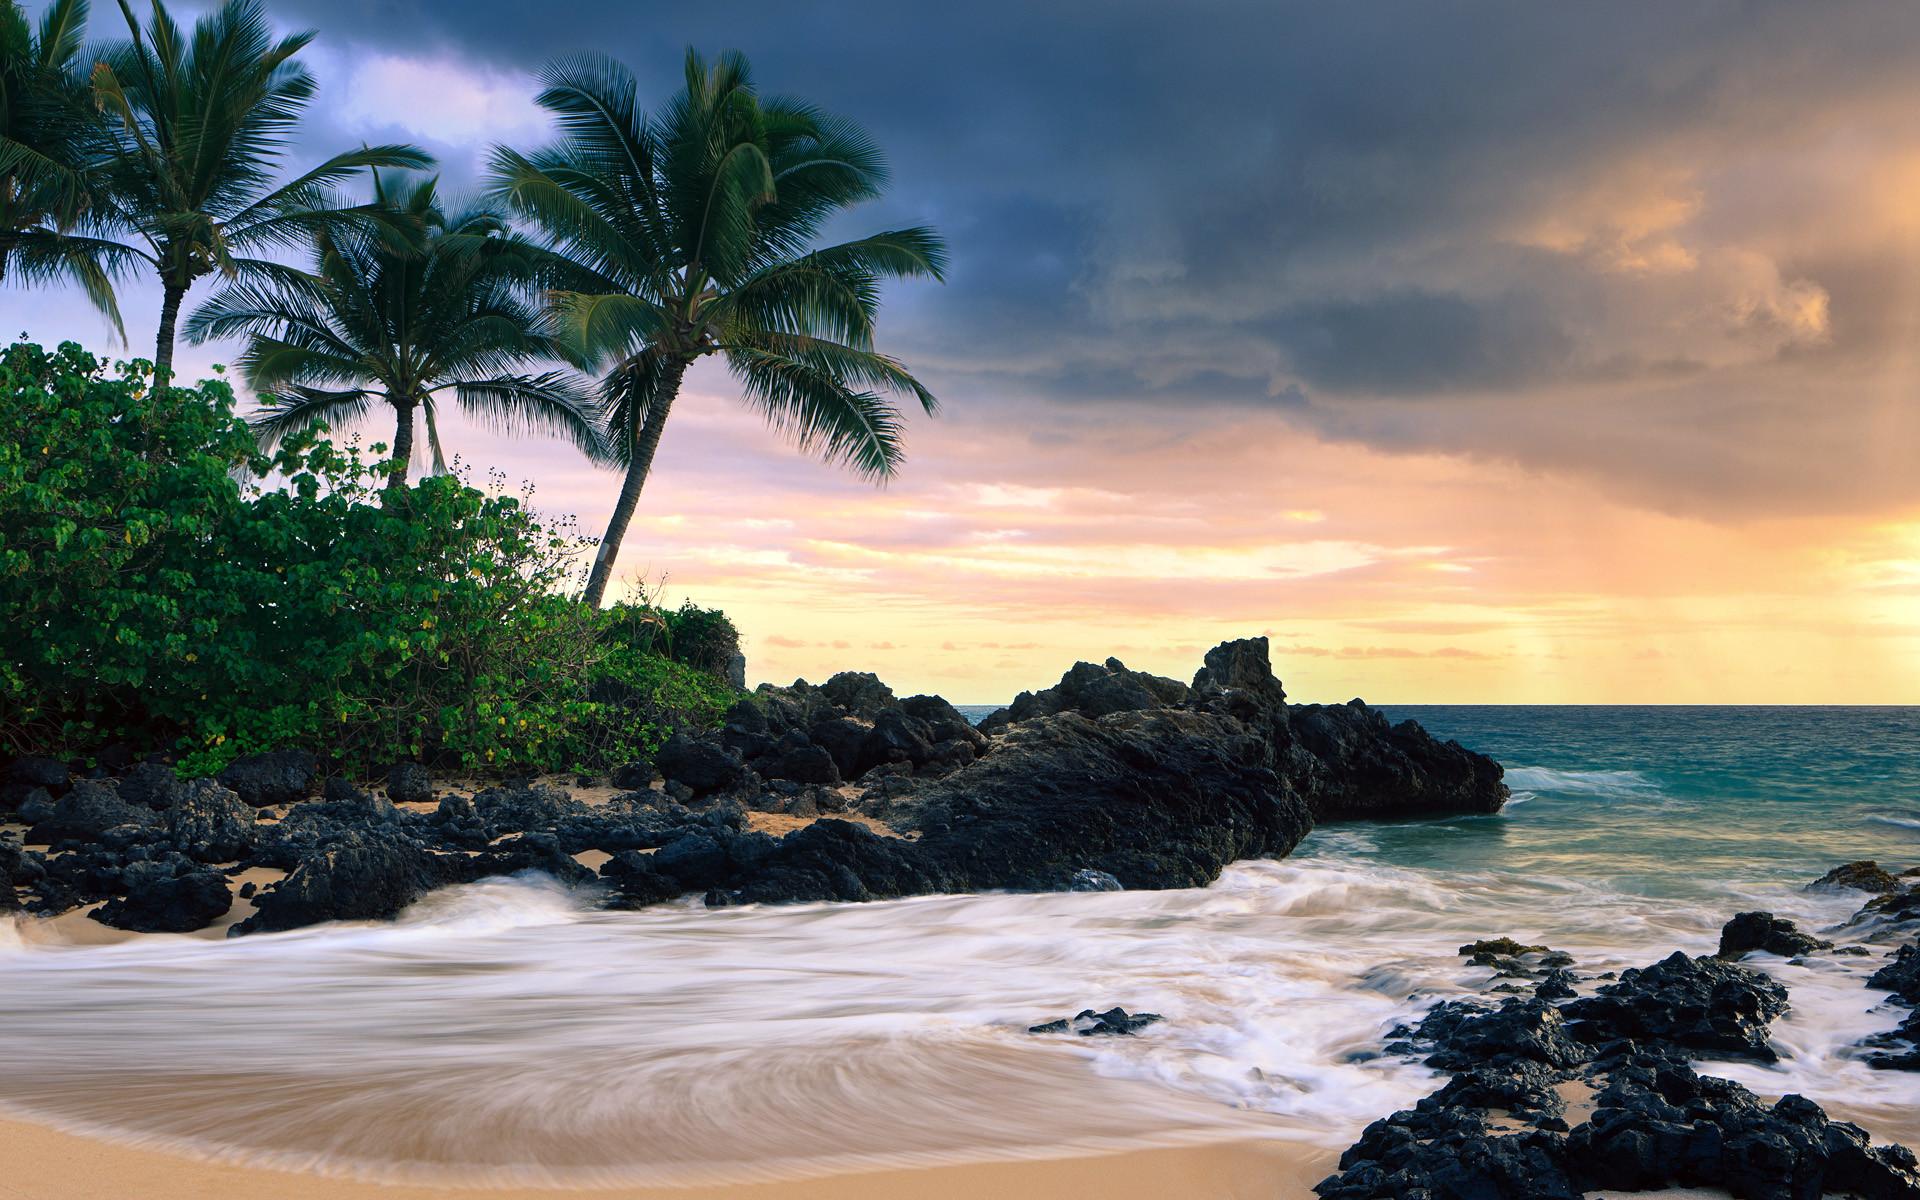 HD Hawaii Wallpapers